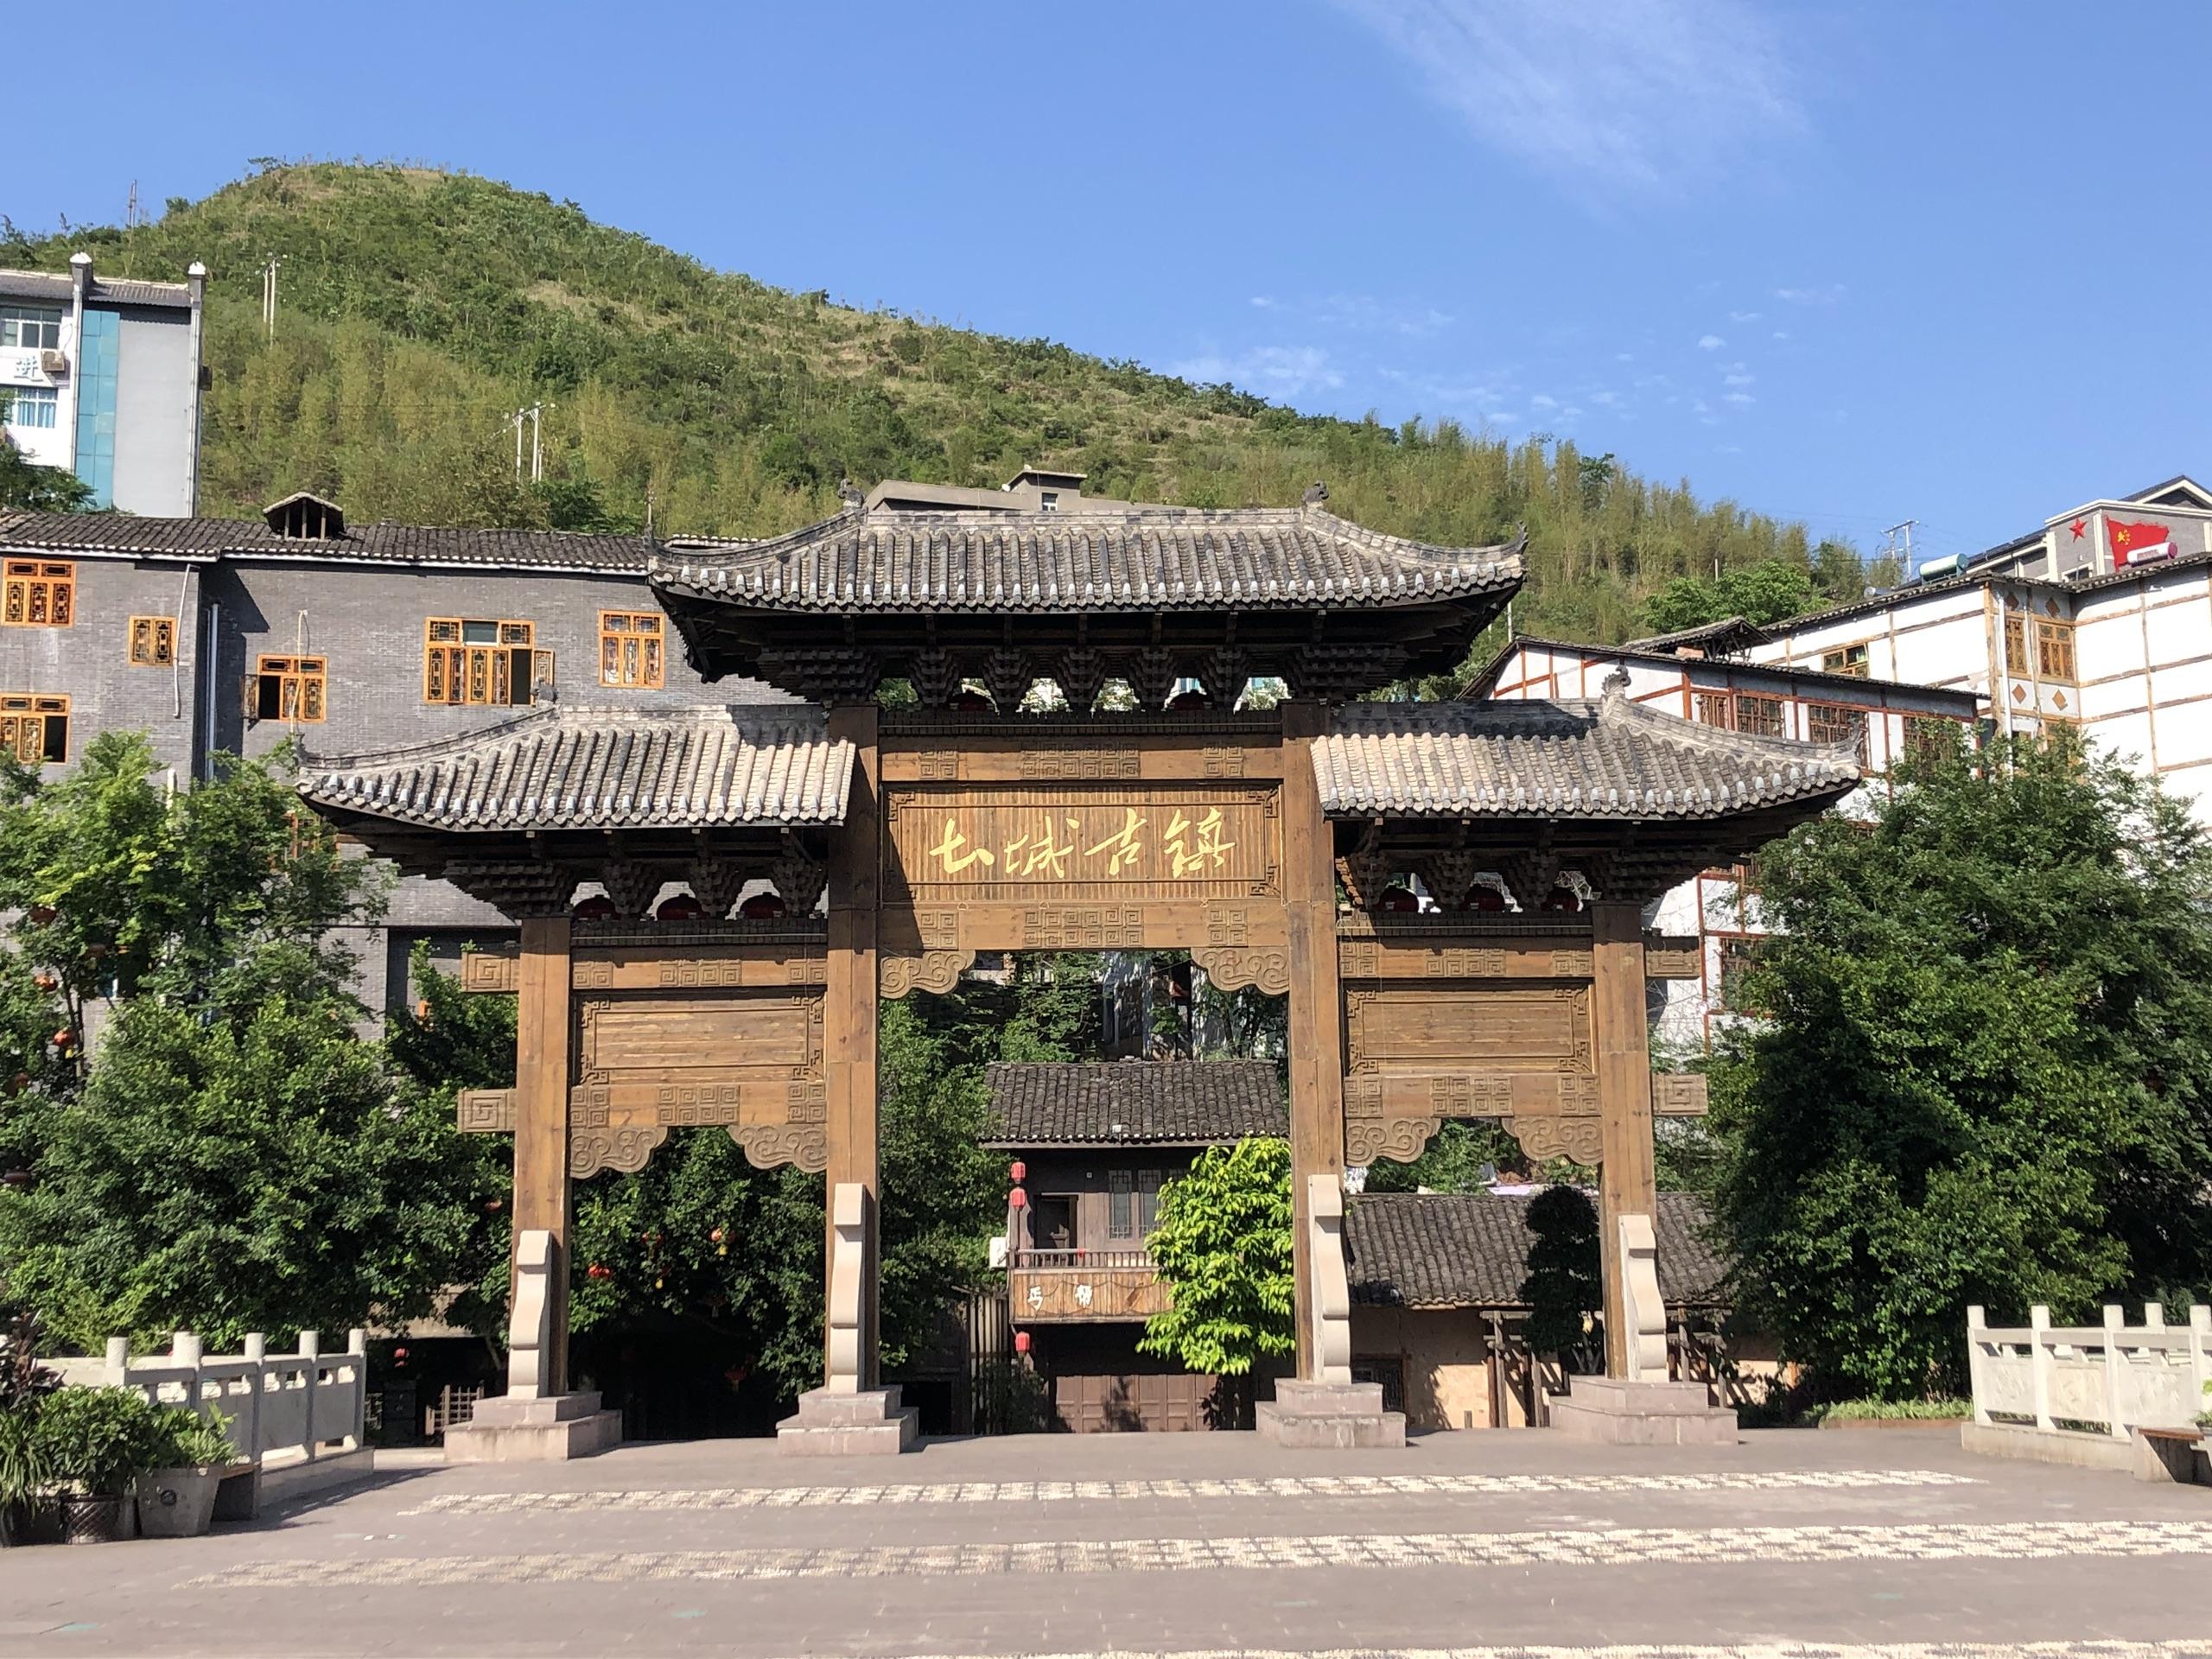 贵州遵义土城古镇游记攻略(图文)